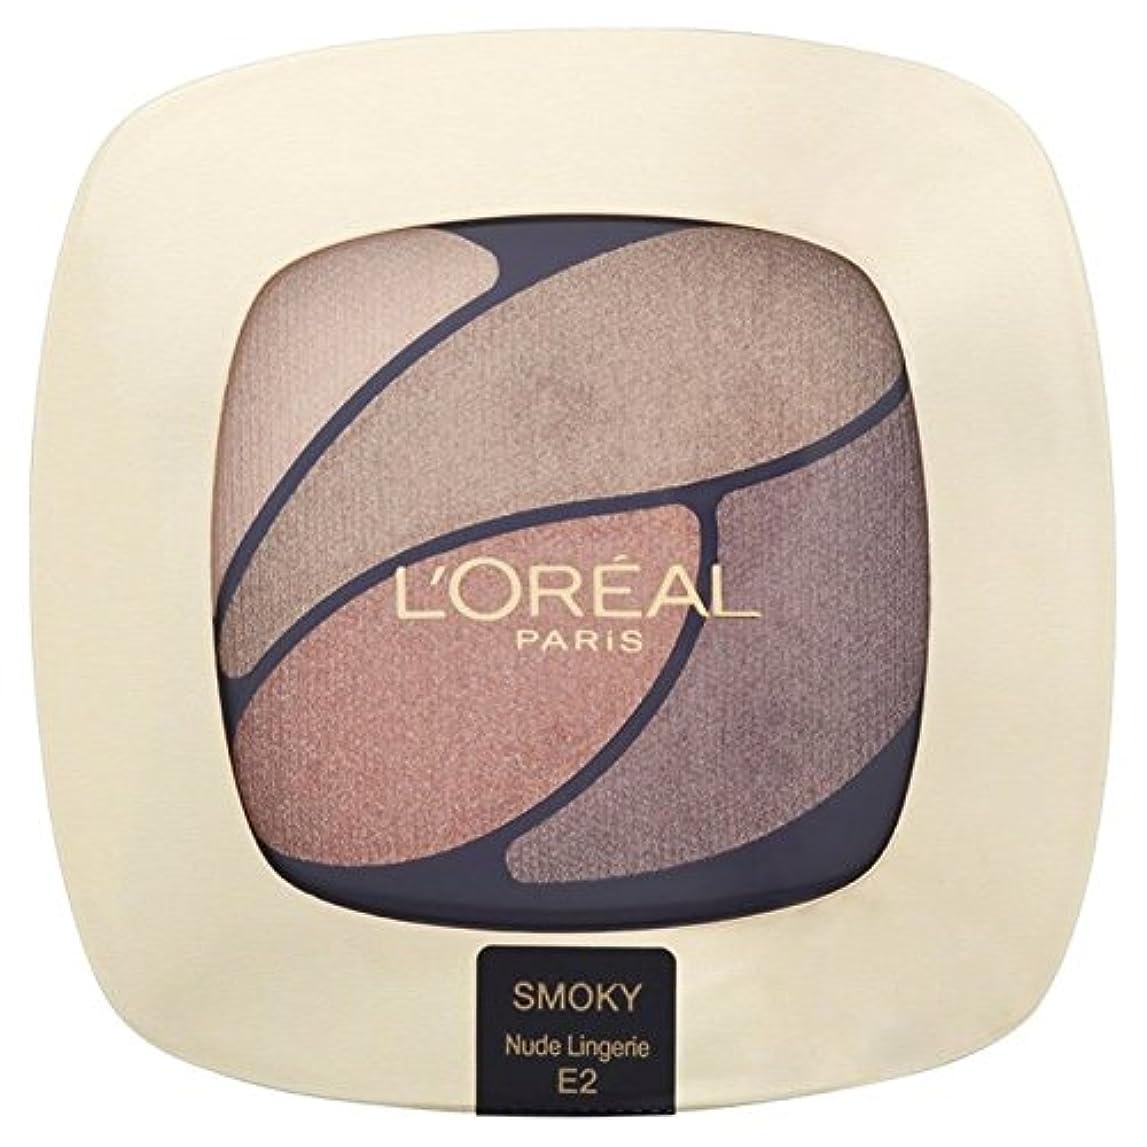 小石つなぐぶどうL'Oreal Paris Color Riche Eyeshadow Quad, Beloved Nude 30g - ロレアルパリのカラーリッシュアイシャドウクワッド、最愛のヌード30グラム [並行輸入品]